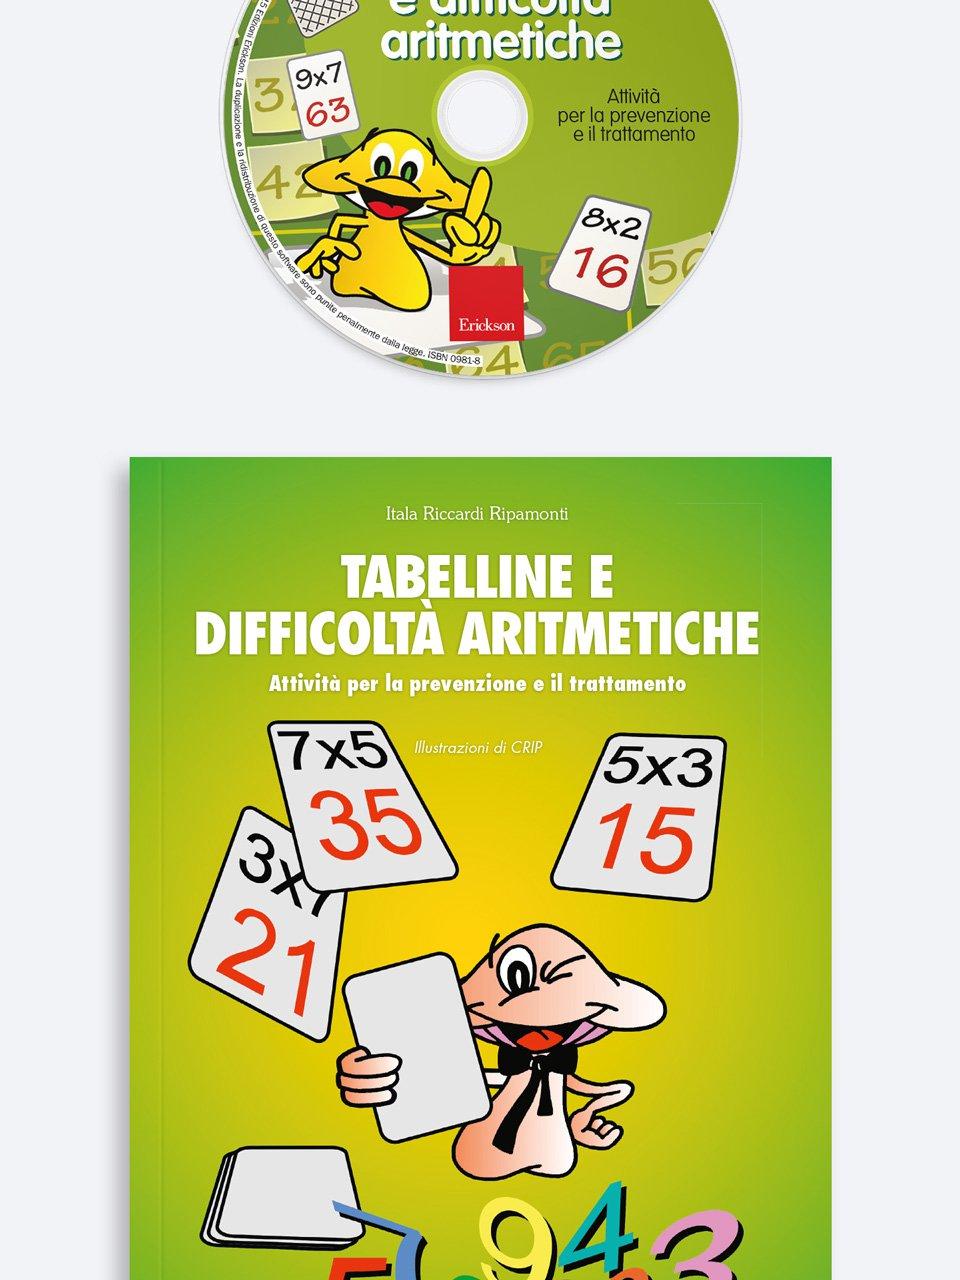 Tabelline e difficoltà aritmetiche - Libri - App e software - Erickson 9